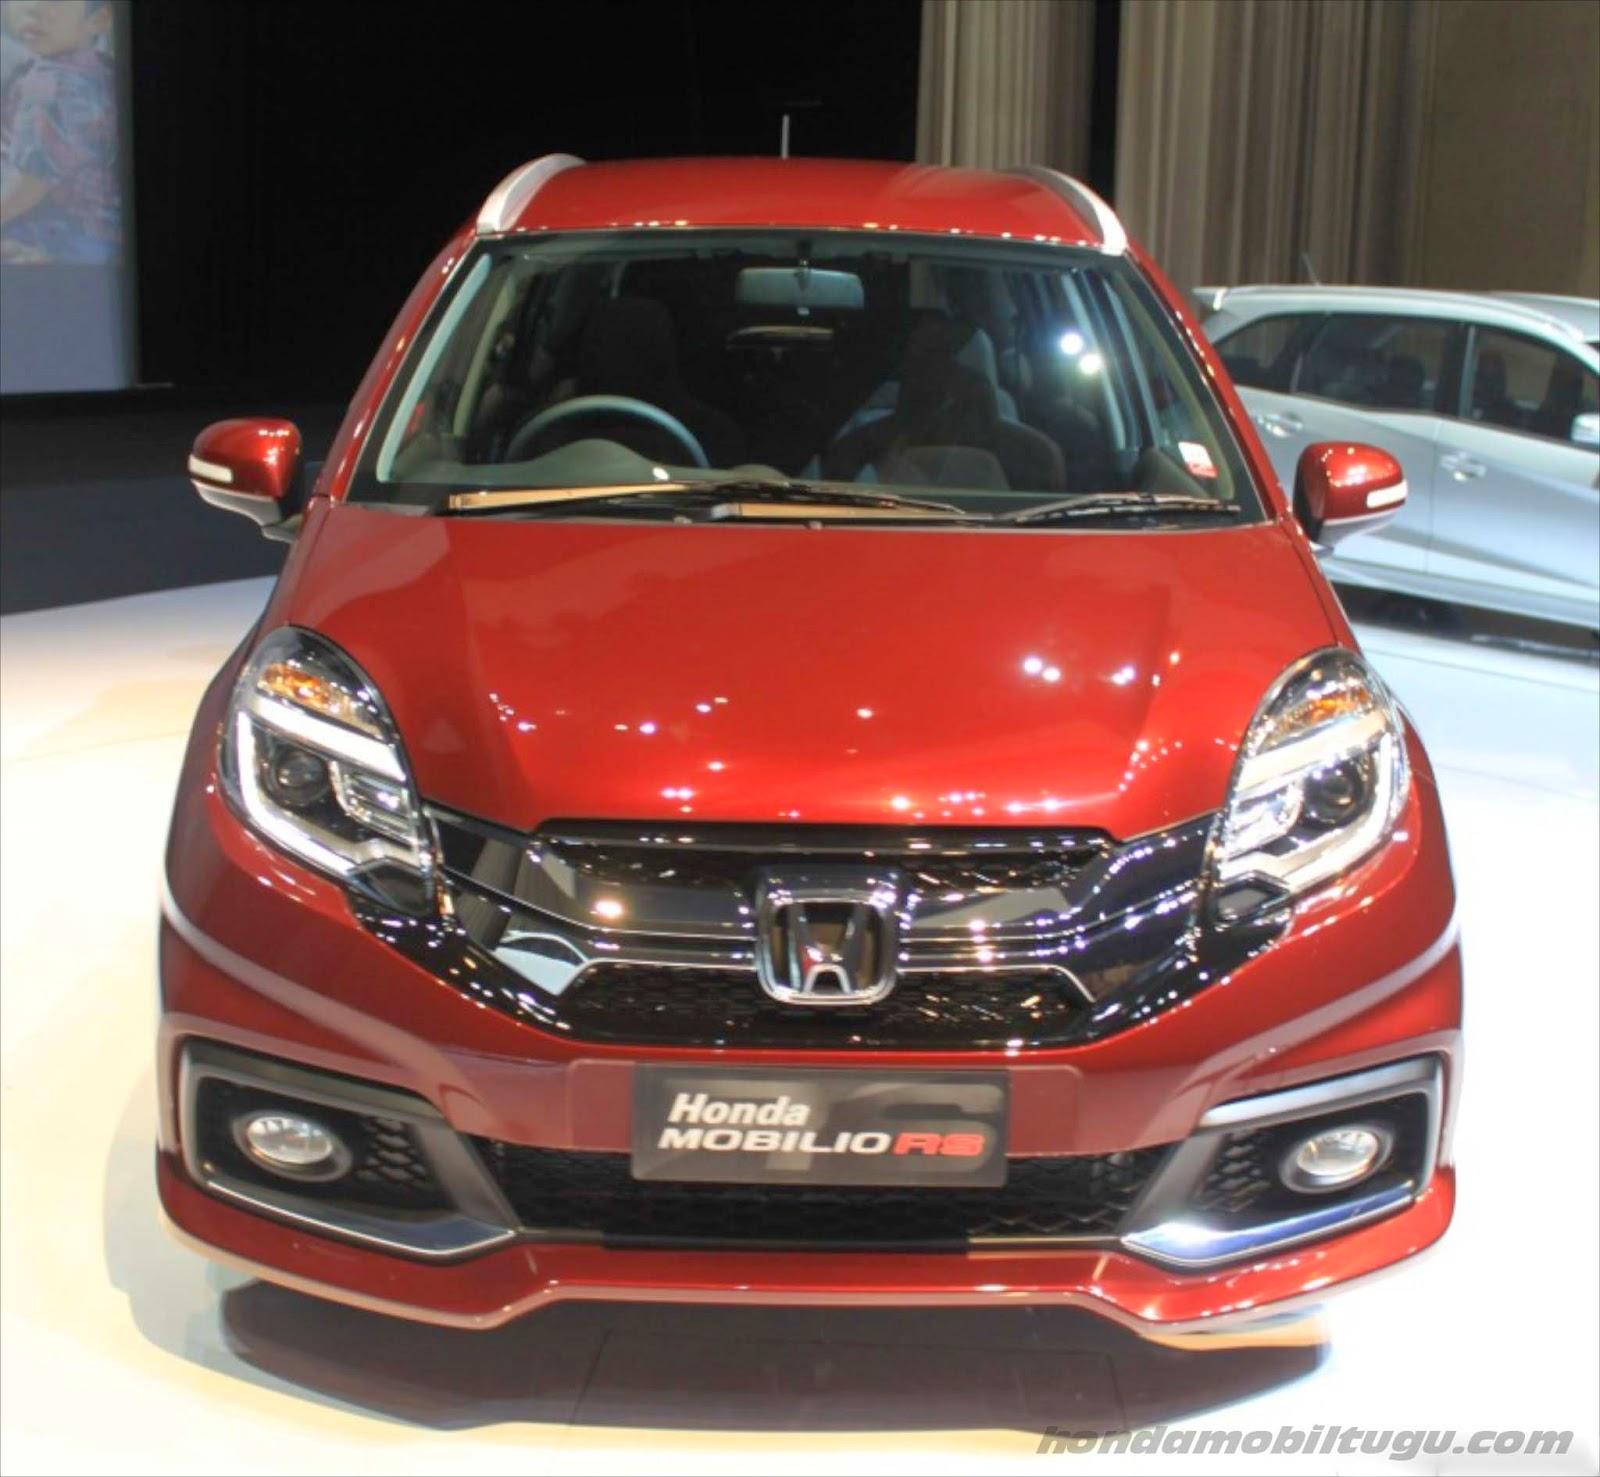 Honda mobil tugu harga honda mobilio rs yogyakarta for Mobilia o mobilio